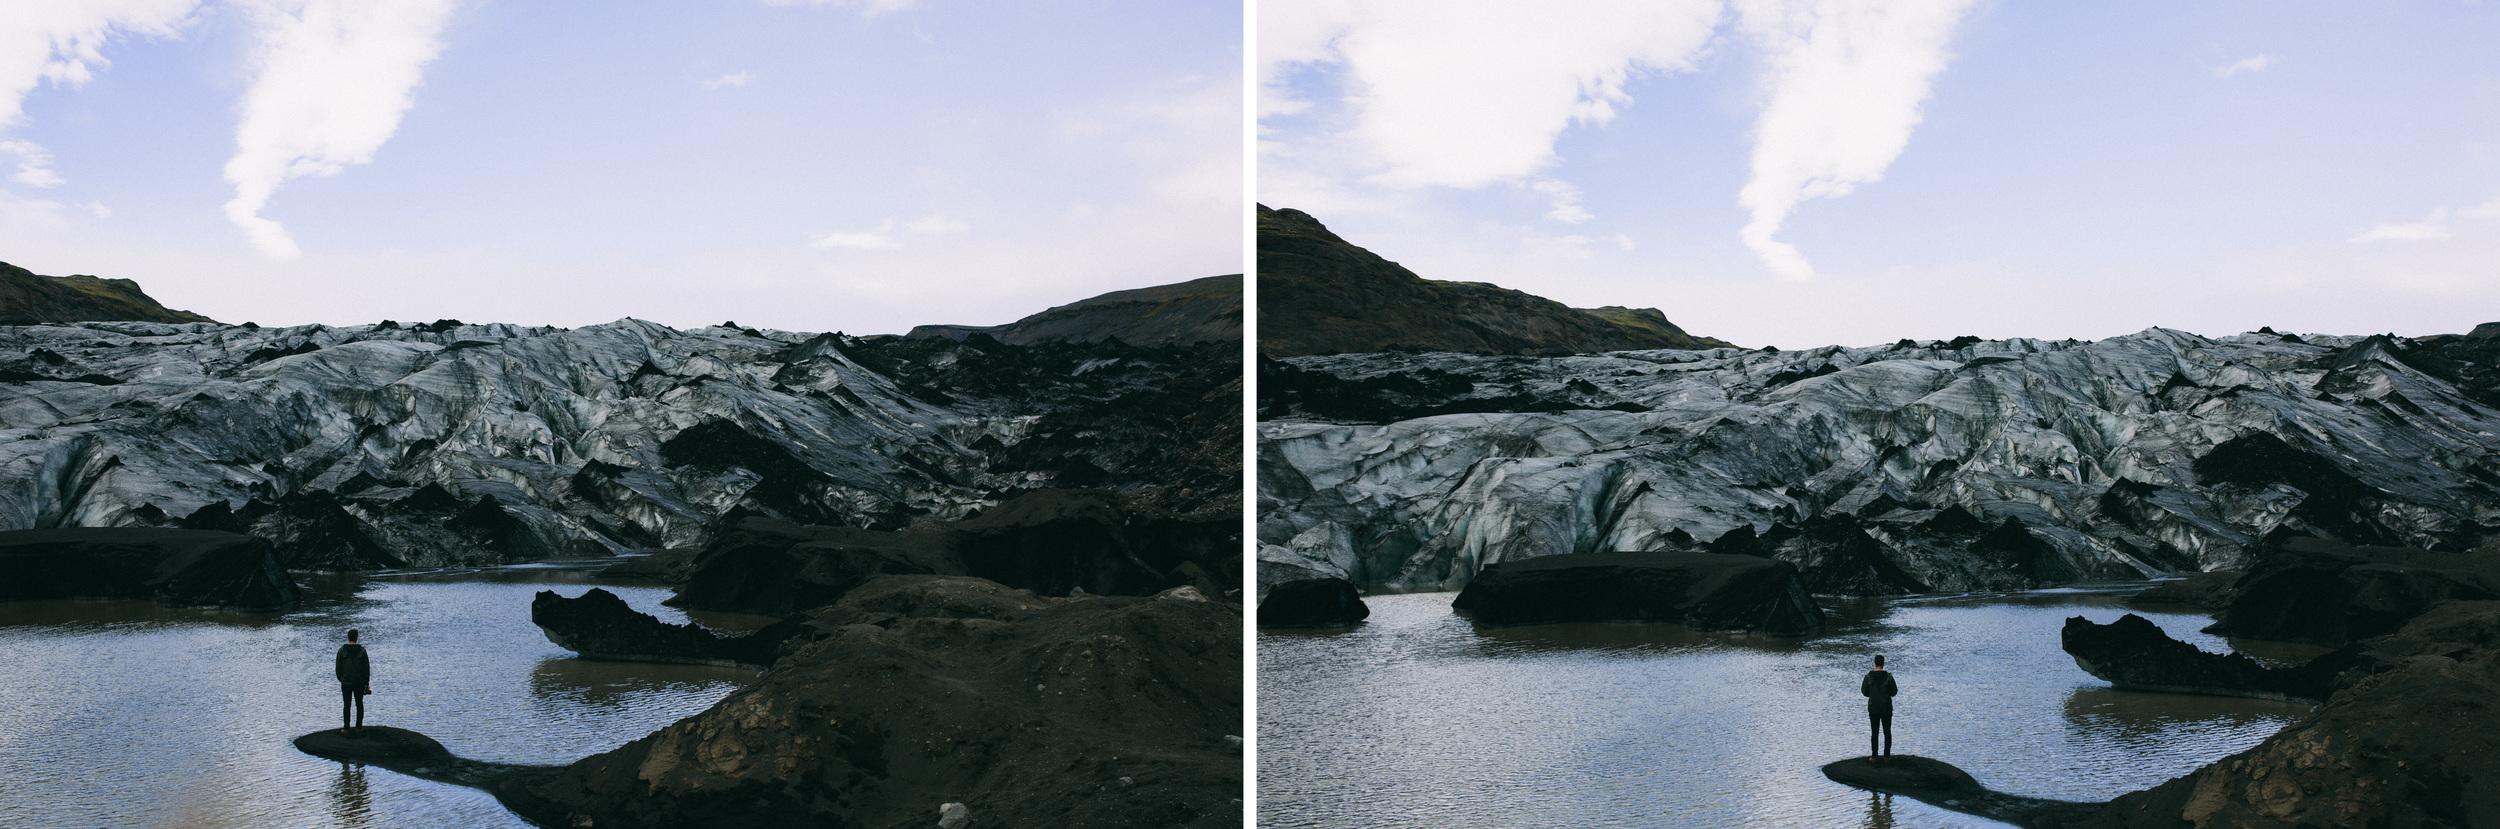 iceland2photos6.jpg